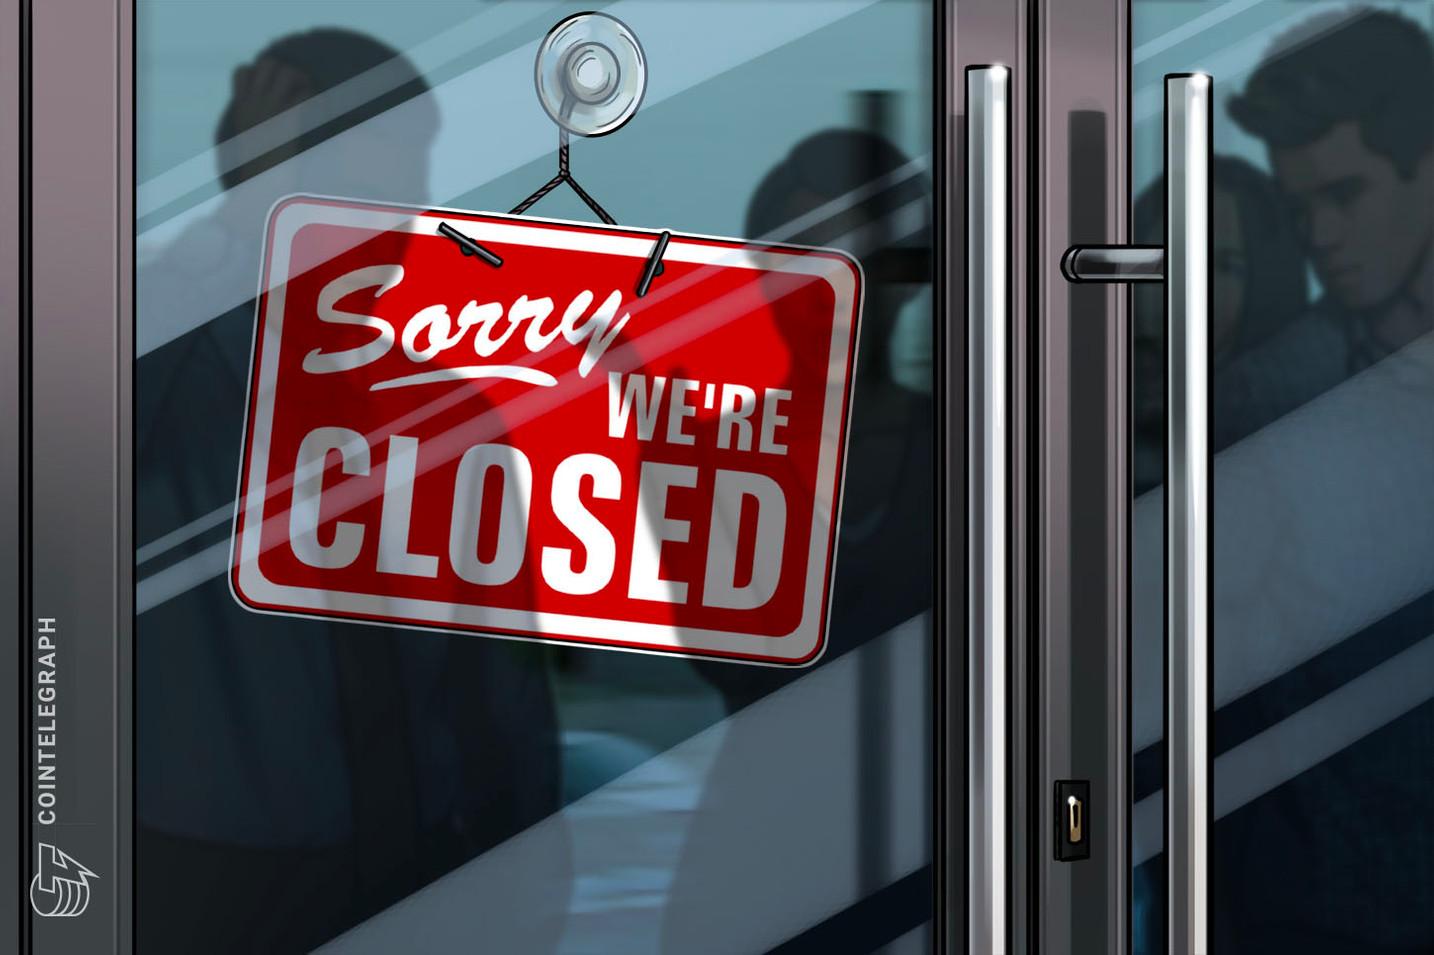 世界初のビットコイン決済を受け入れたドイツのバーが閉店